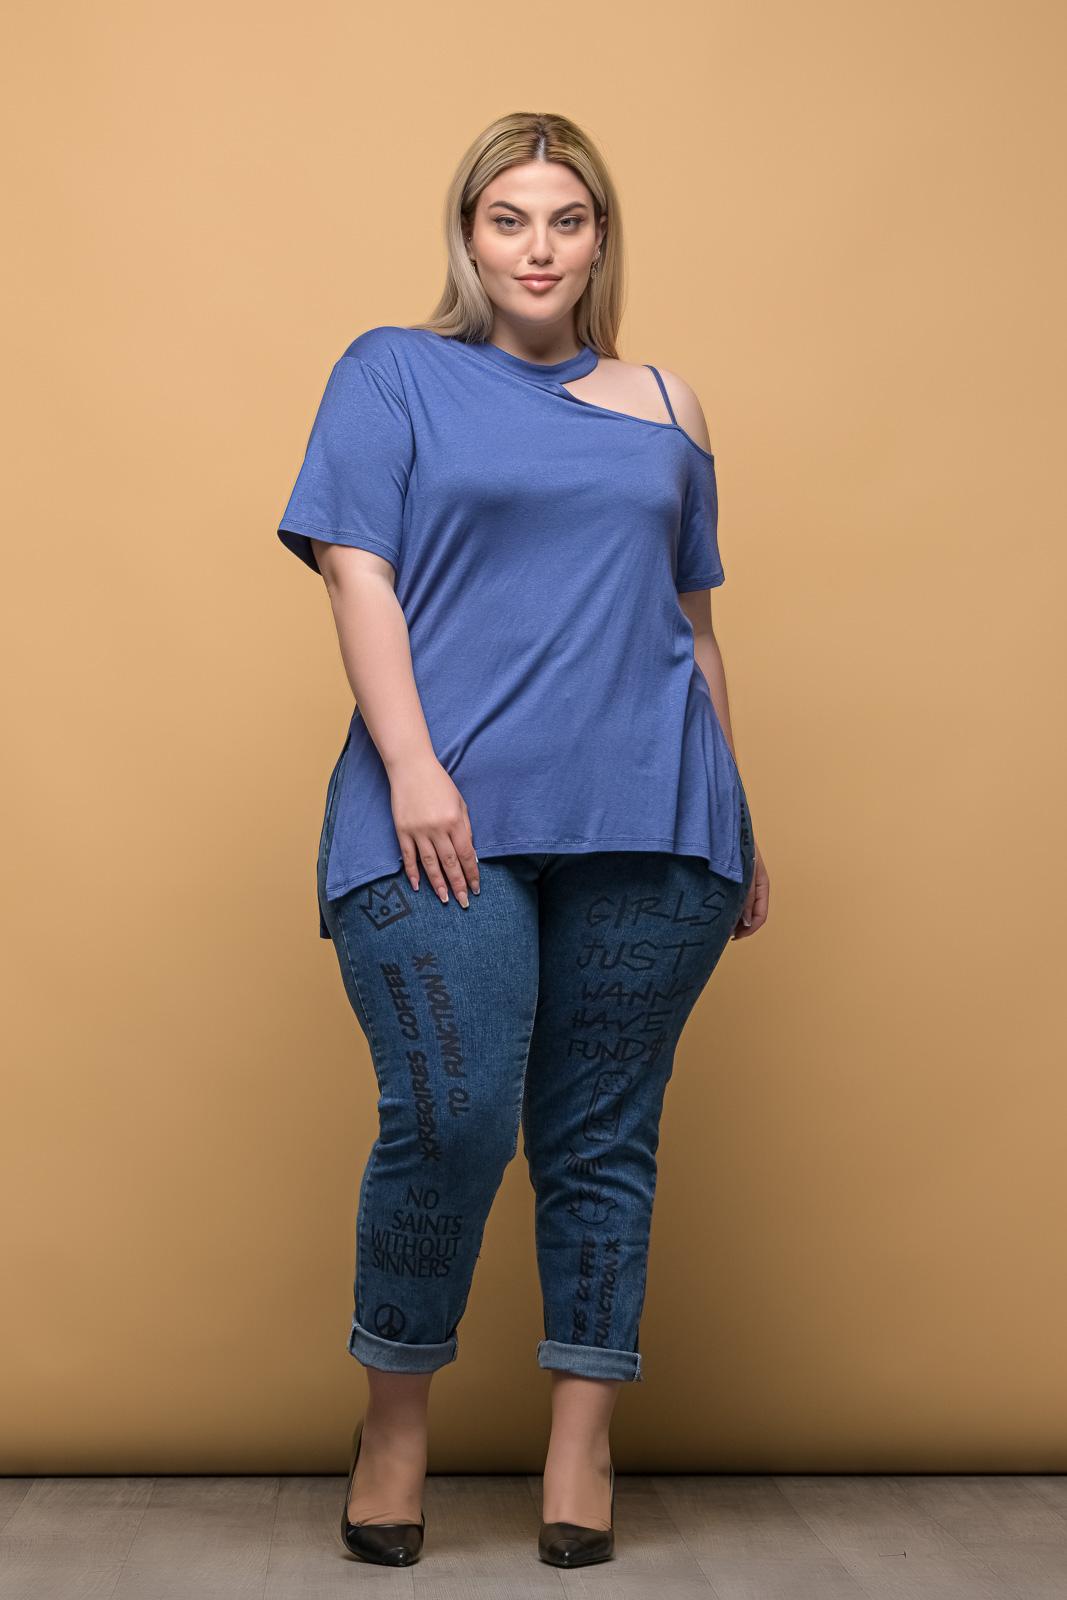 Μπλούζα μεγάλα μεγέθη με έξω ώμο ραφ και ανοίγματα στο πλάι .Στο eshop μας θα βρείτε οικονομικά γυναίκεια ρούχα σε μεγάλα μεγέθη και υπερμεγέθη.